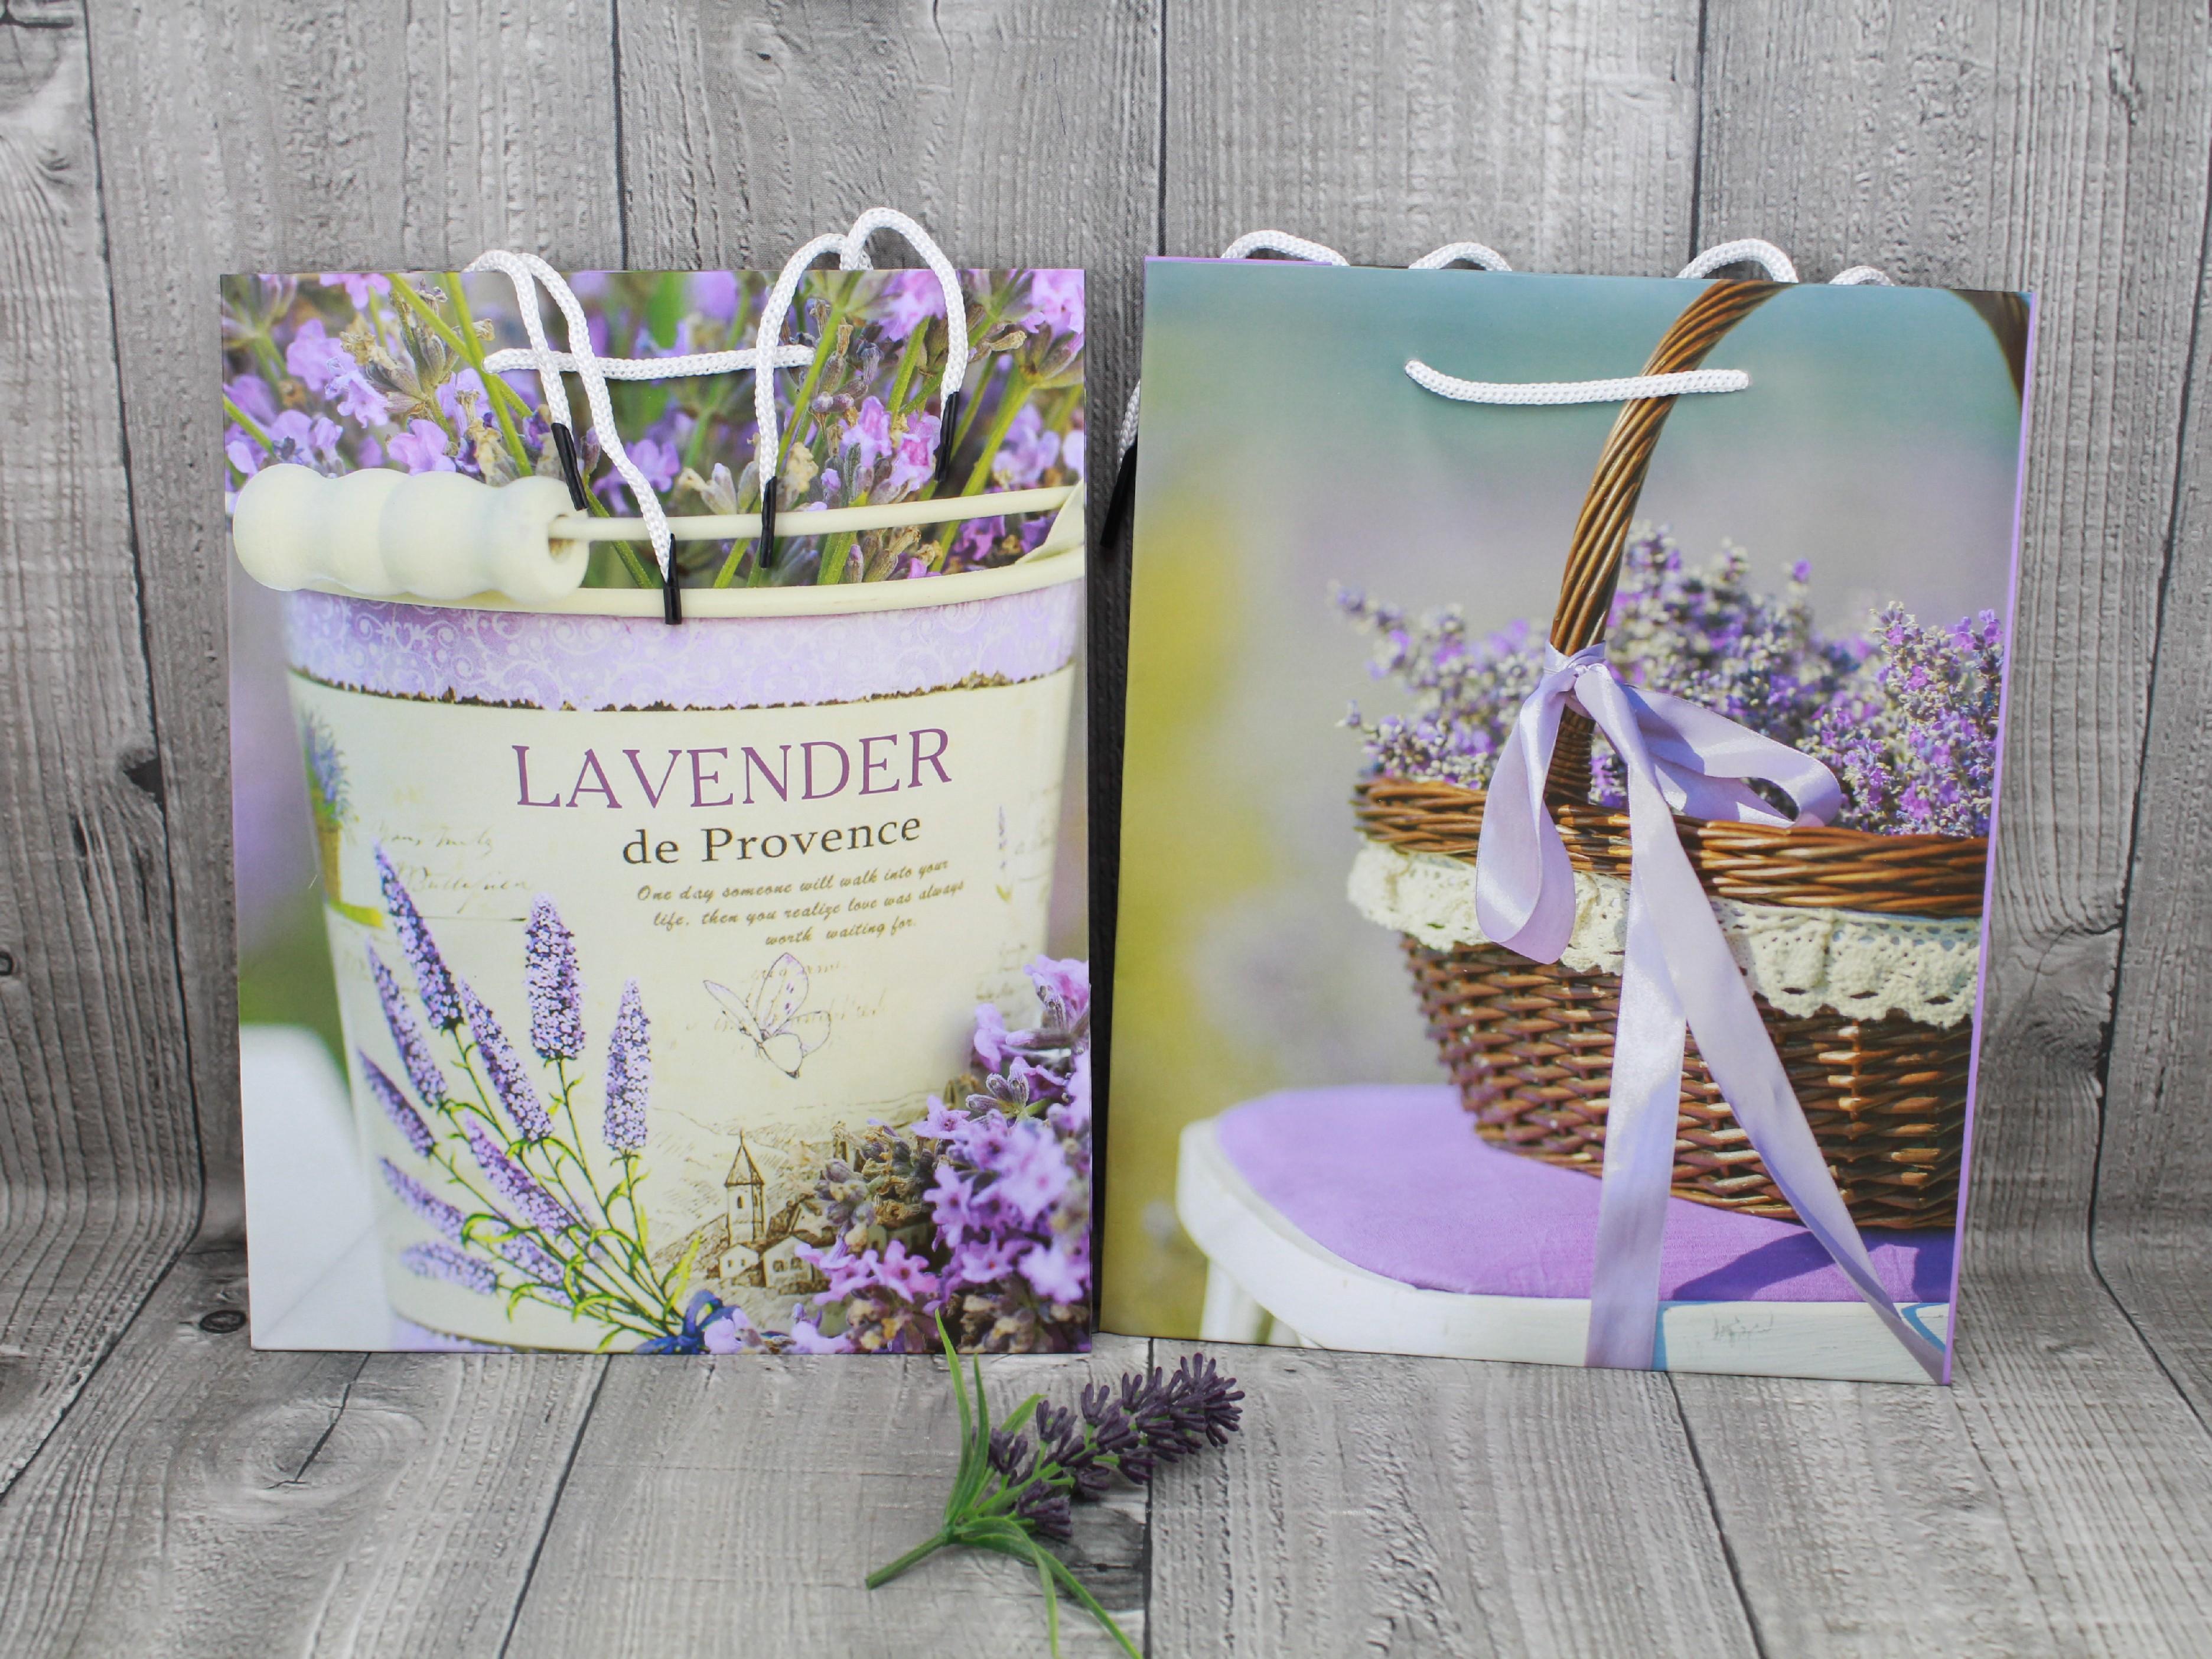 Tašky dárkové střední-Provence počet kusů: 1ks